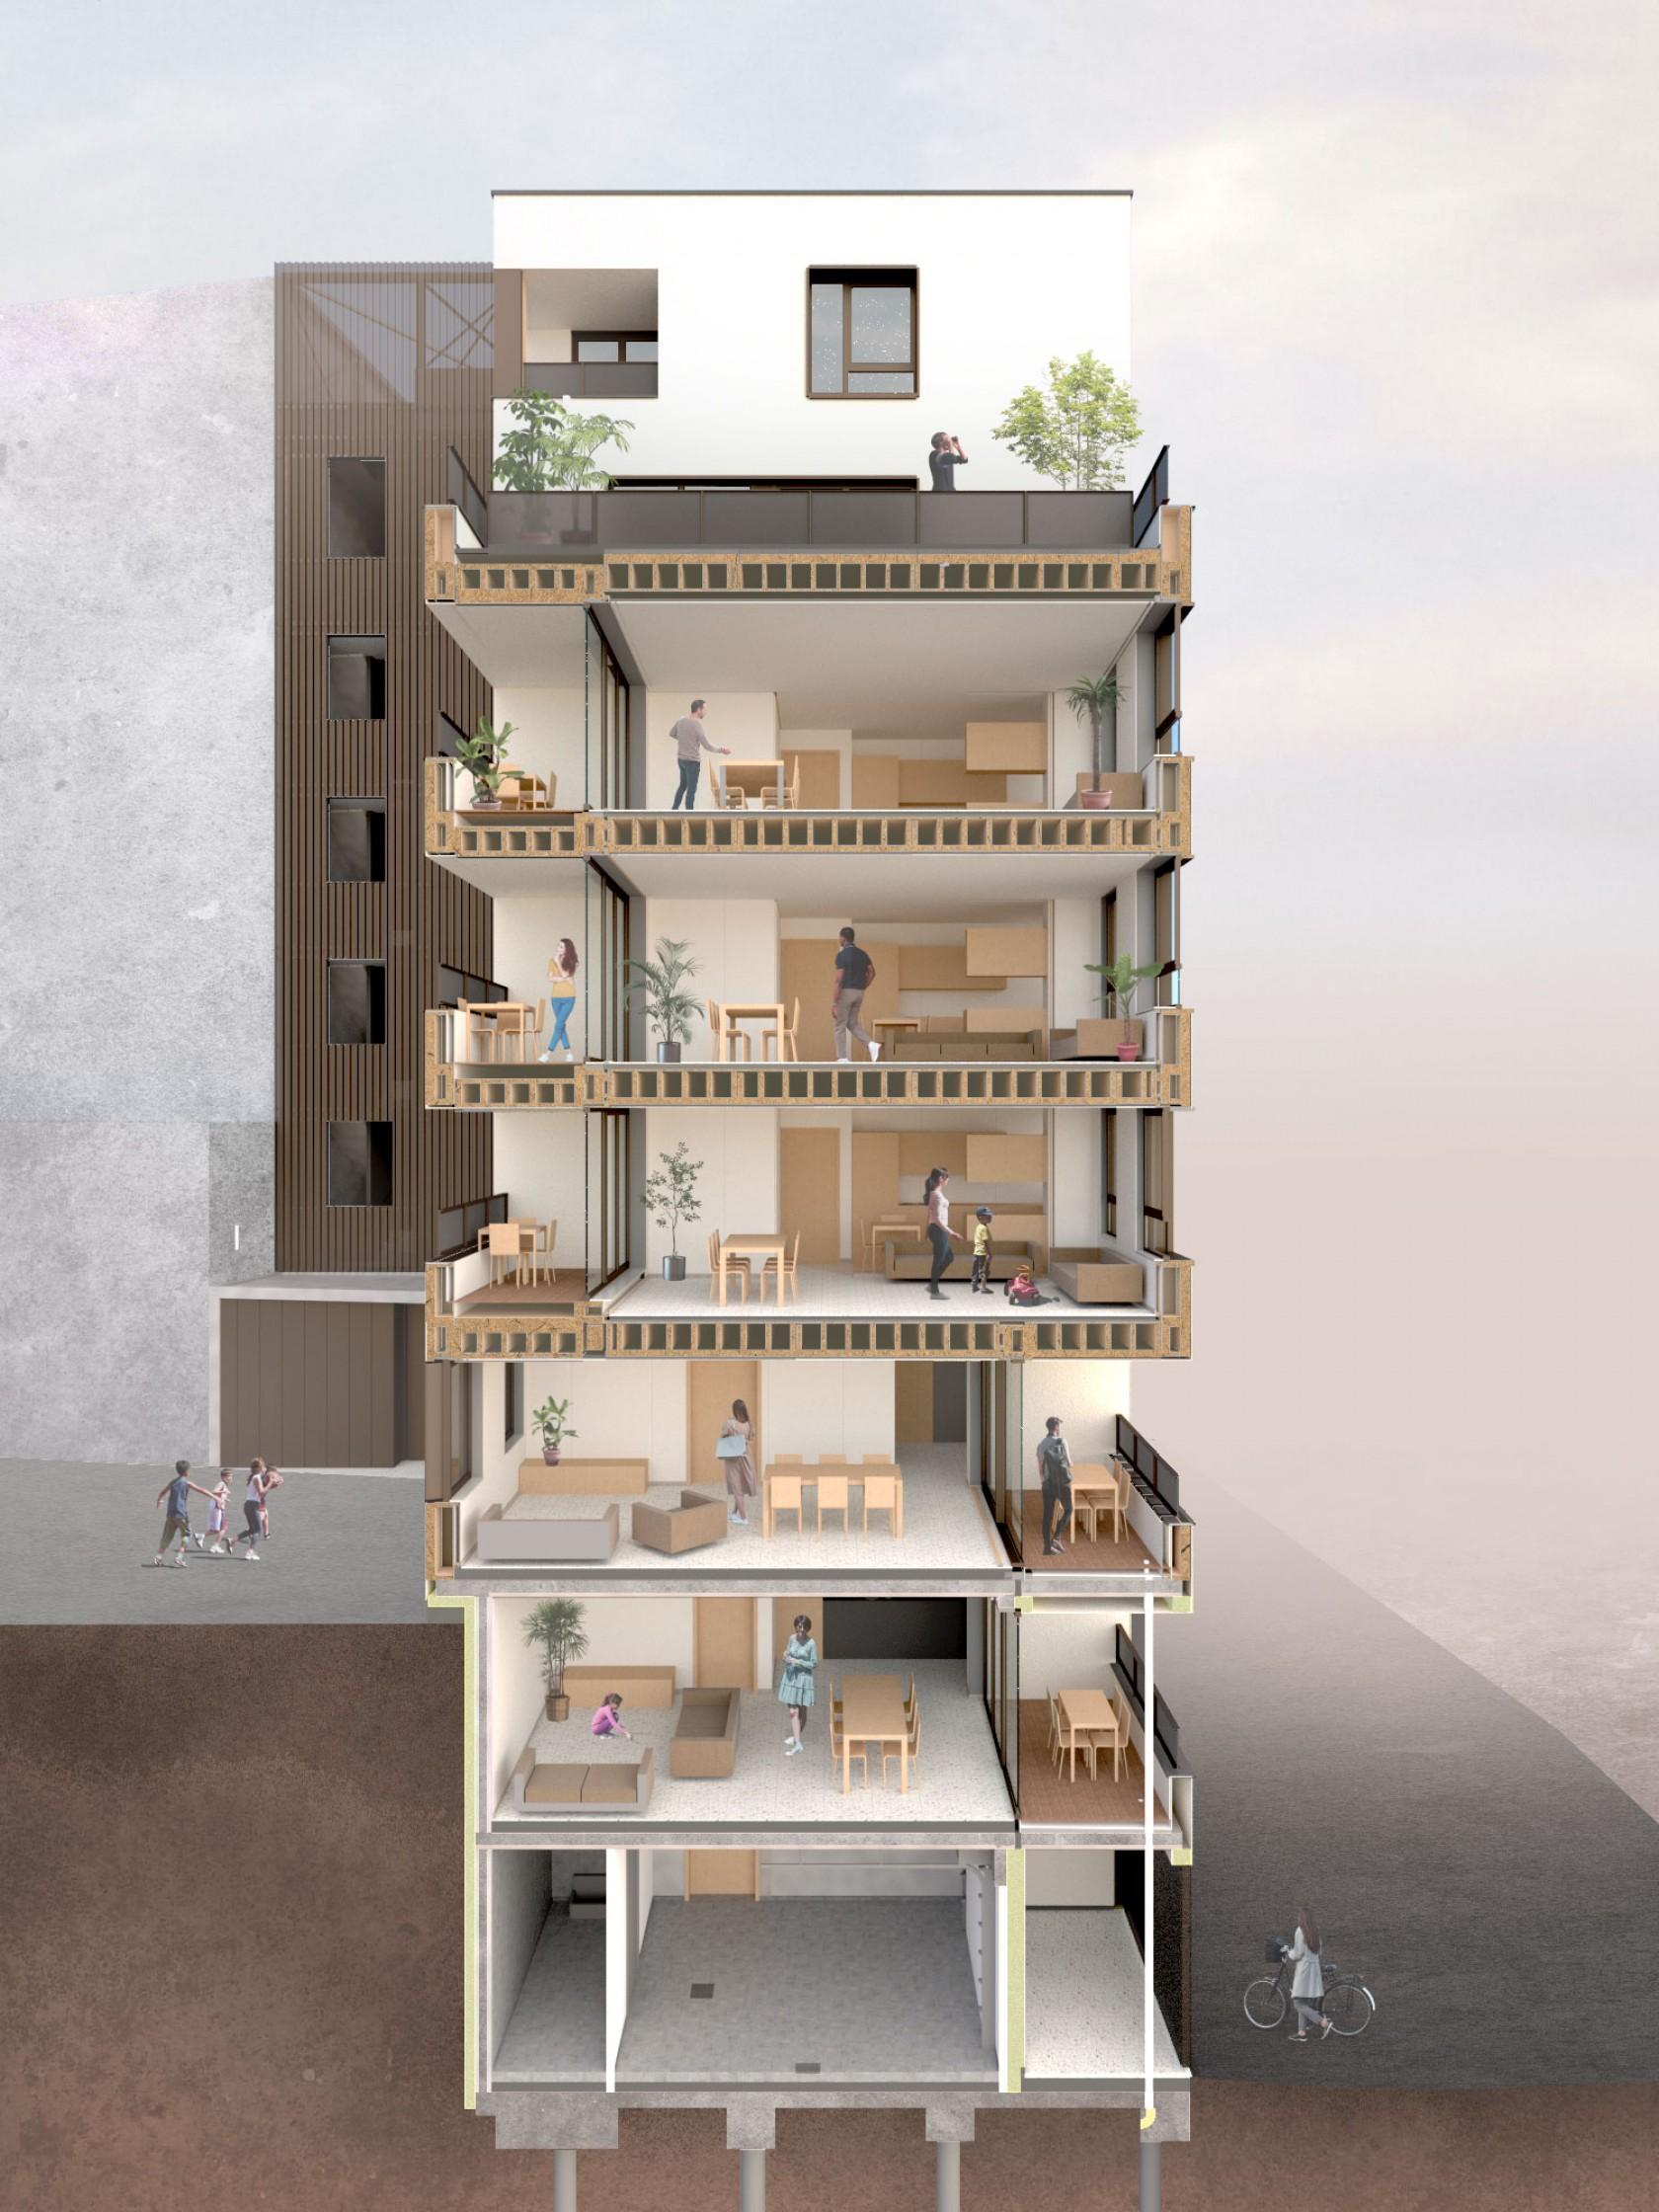 Abscis Architecten - Menslievendheidsstraat - visualisatie Abscis Architecten